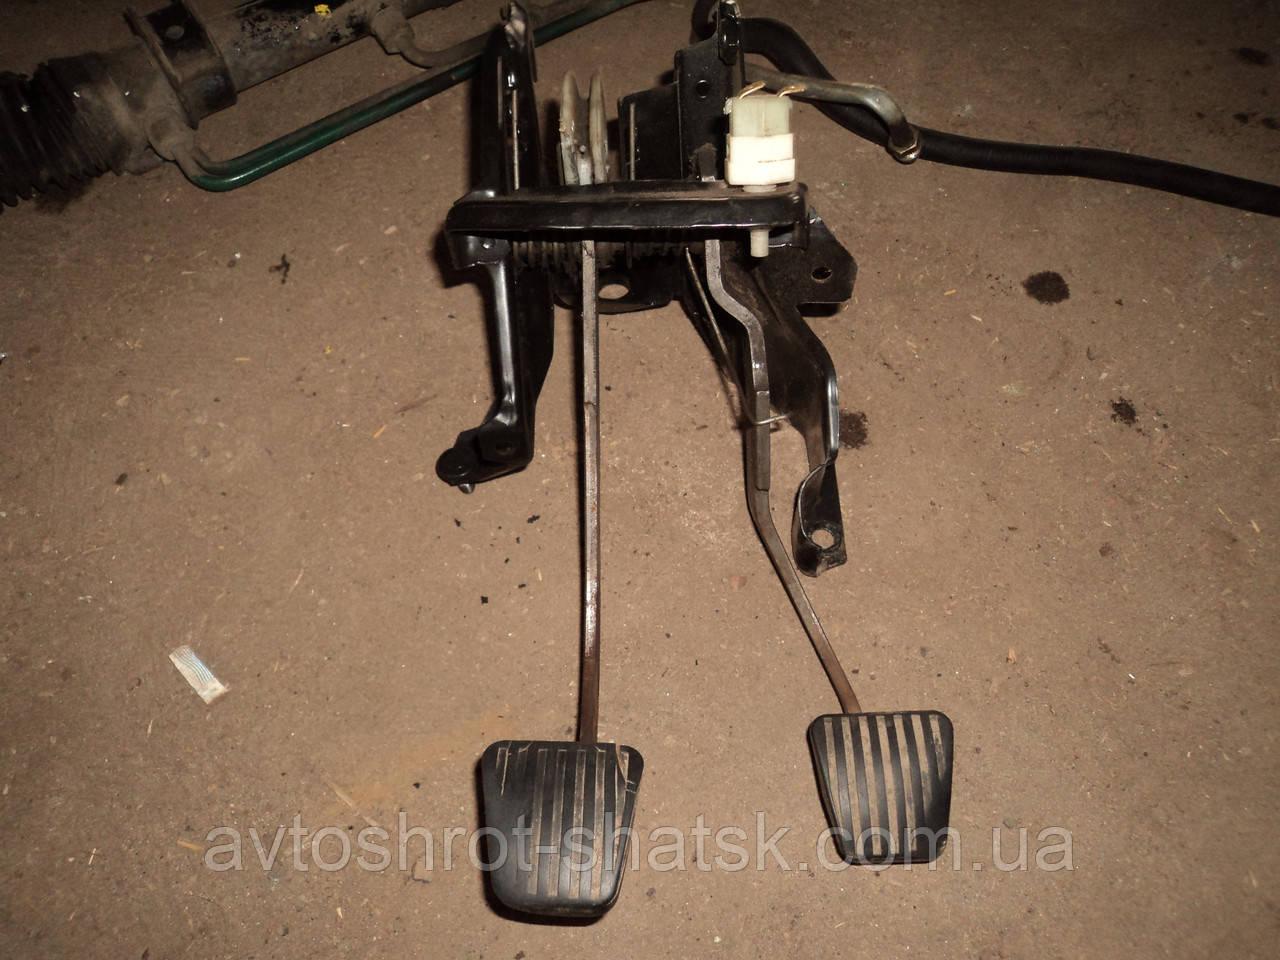 Б/у педаль гальма для Opel Corsa